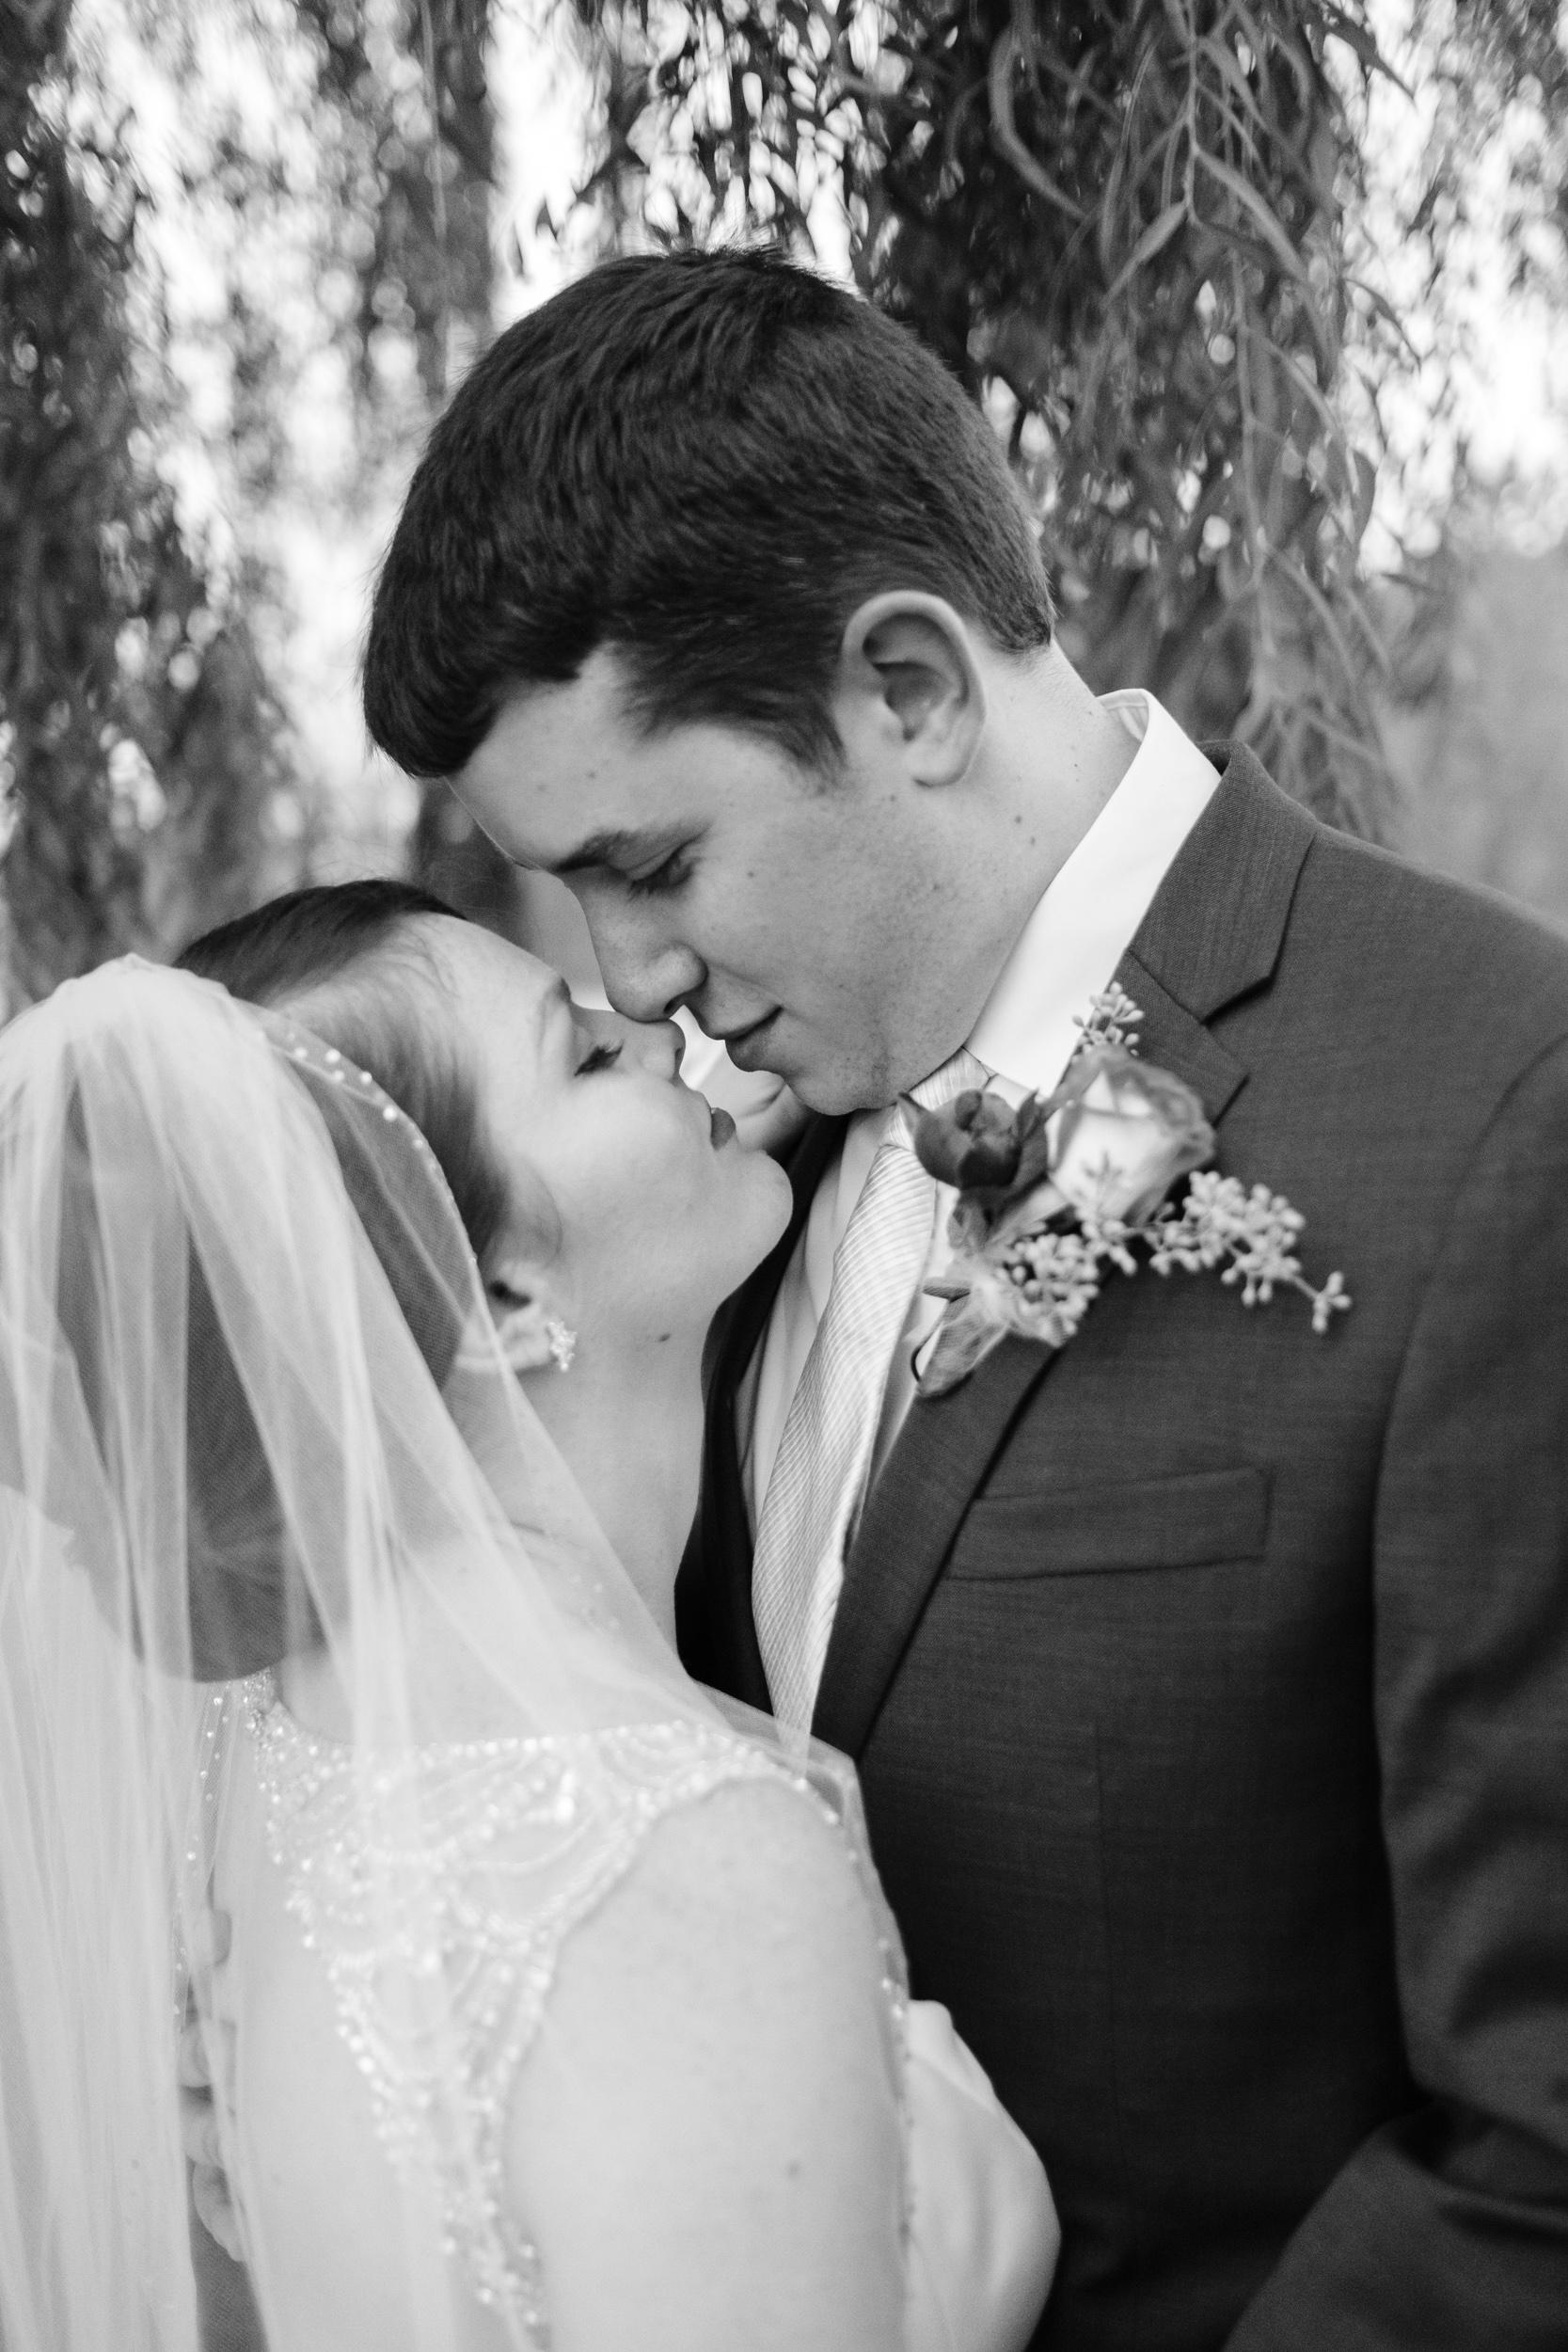 elegant wedding photography of couple embrace